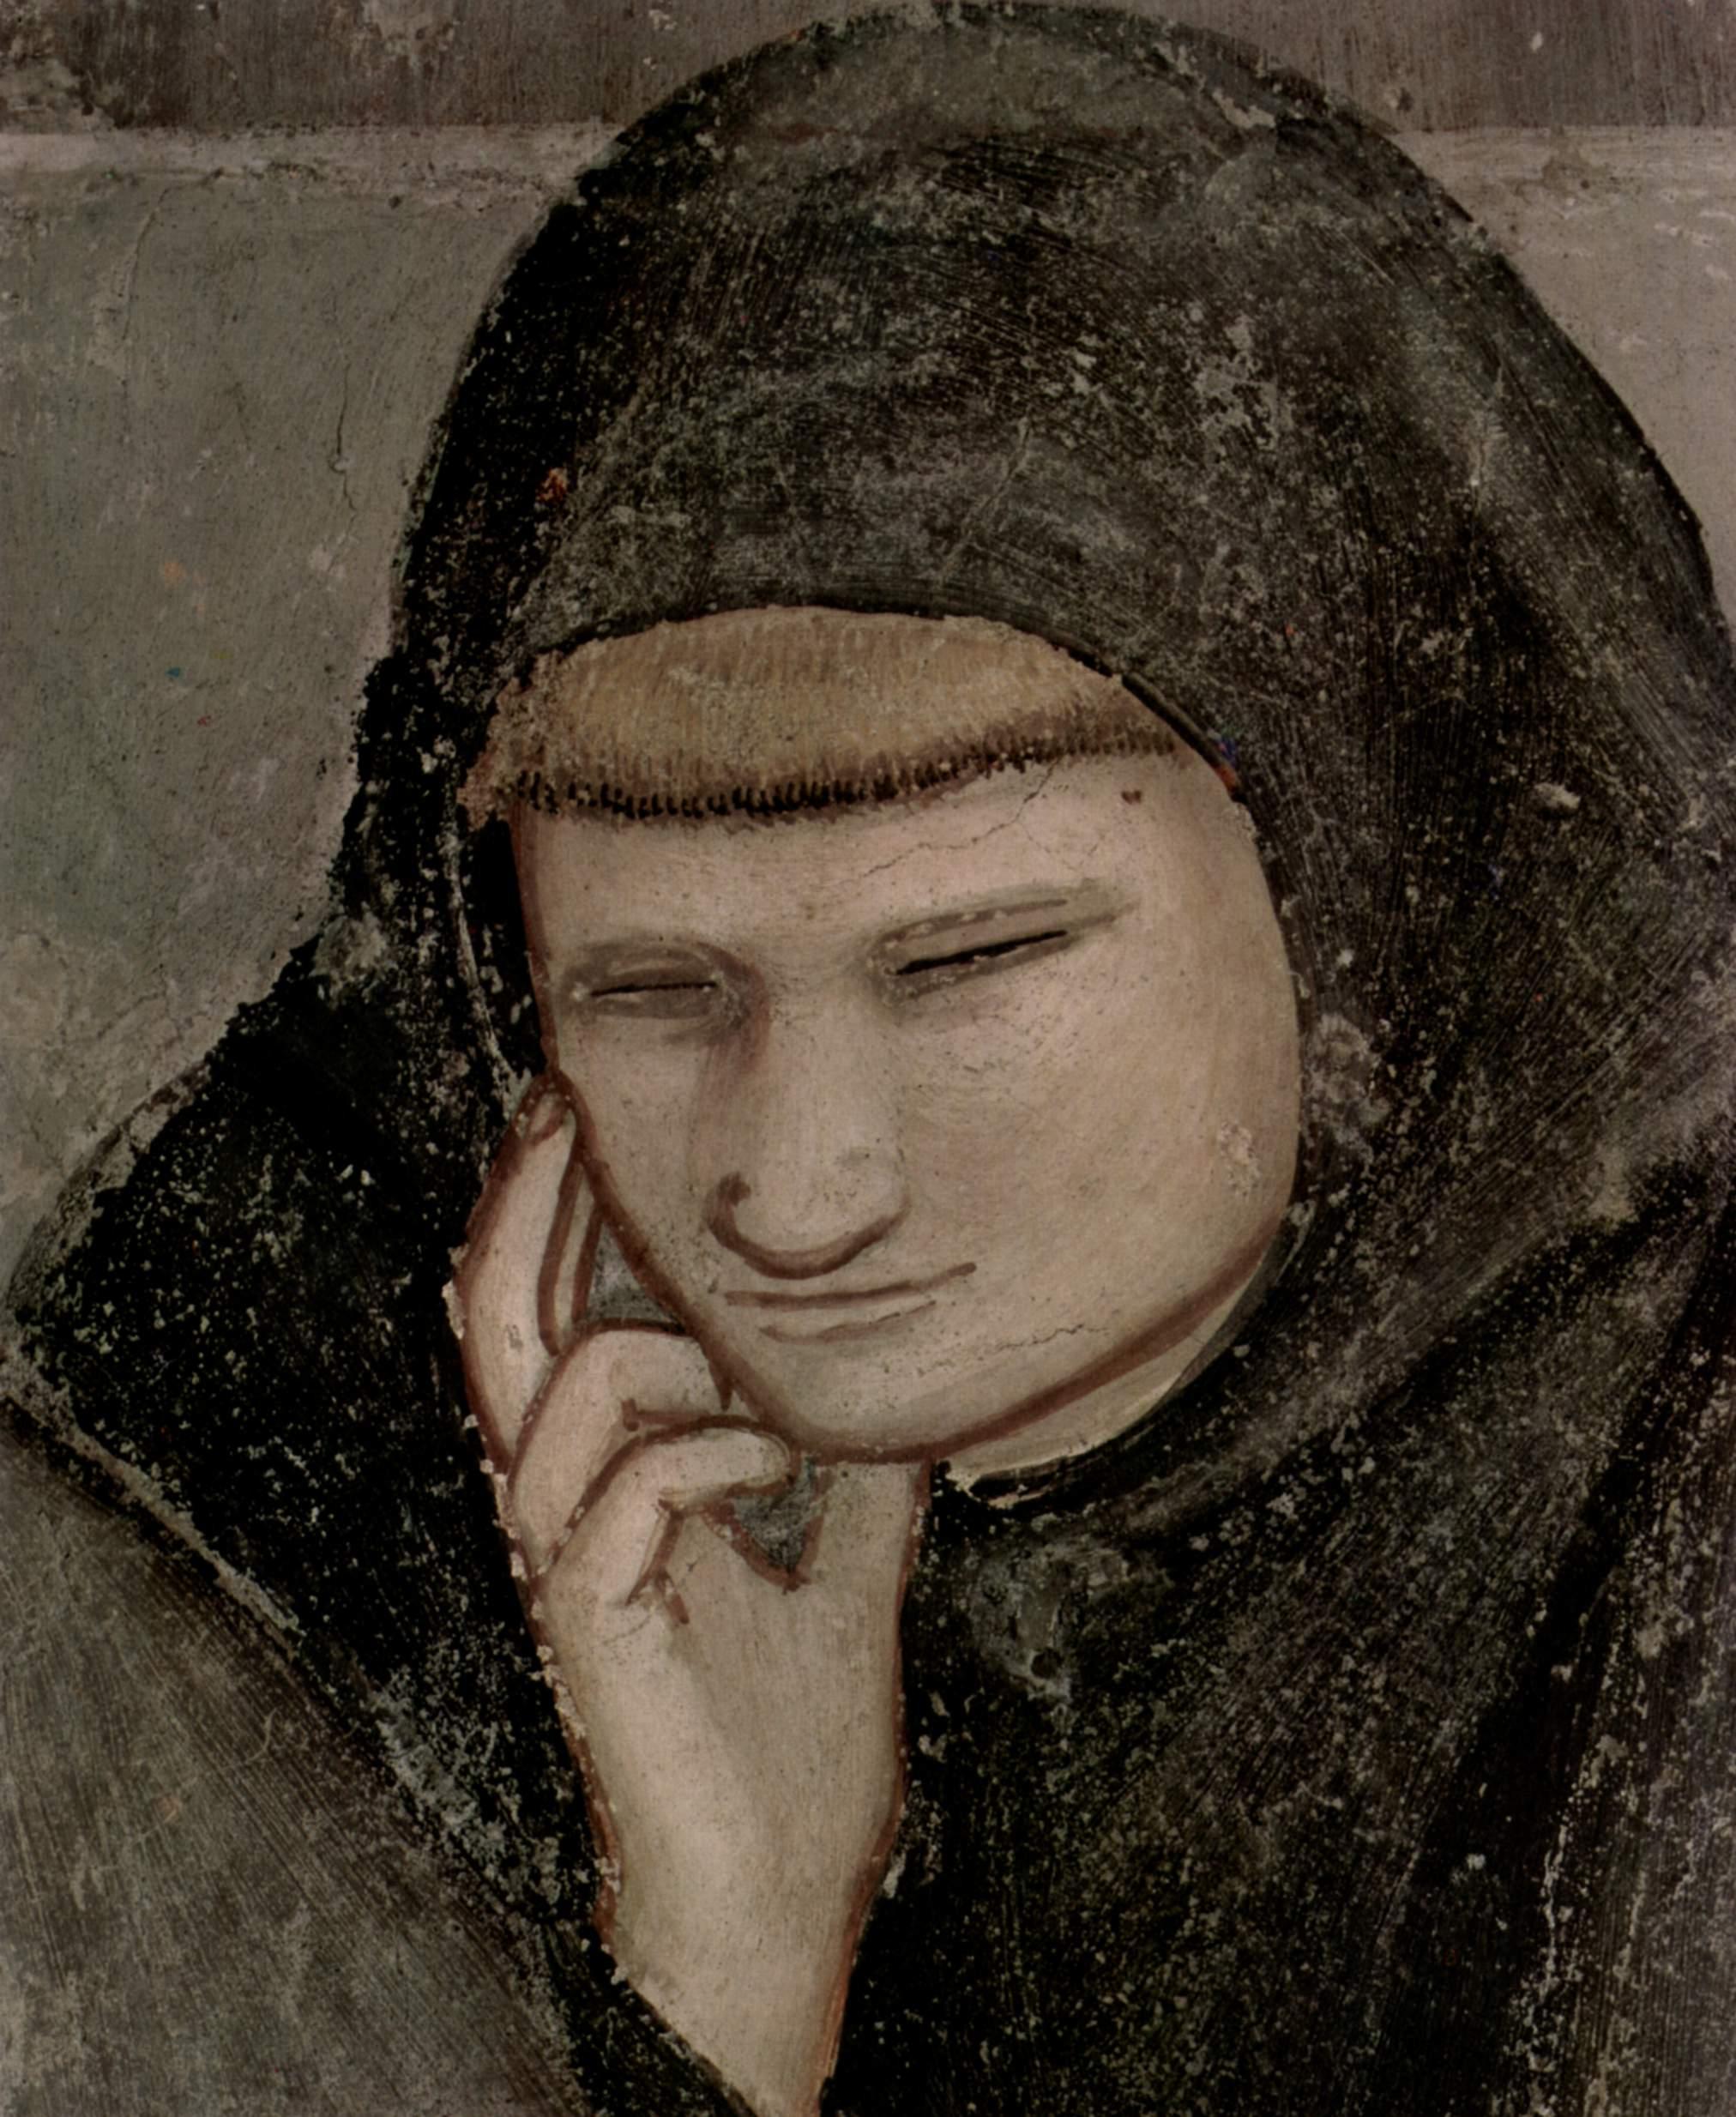 Цикл фресок из жизни св. Франциска, капелла Барди [09]. Санта Кроче во Флоренции. Явление фра Август, Джотто ди Бондоне